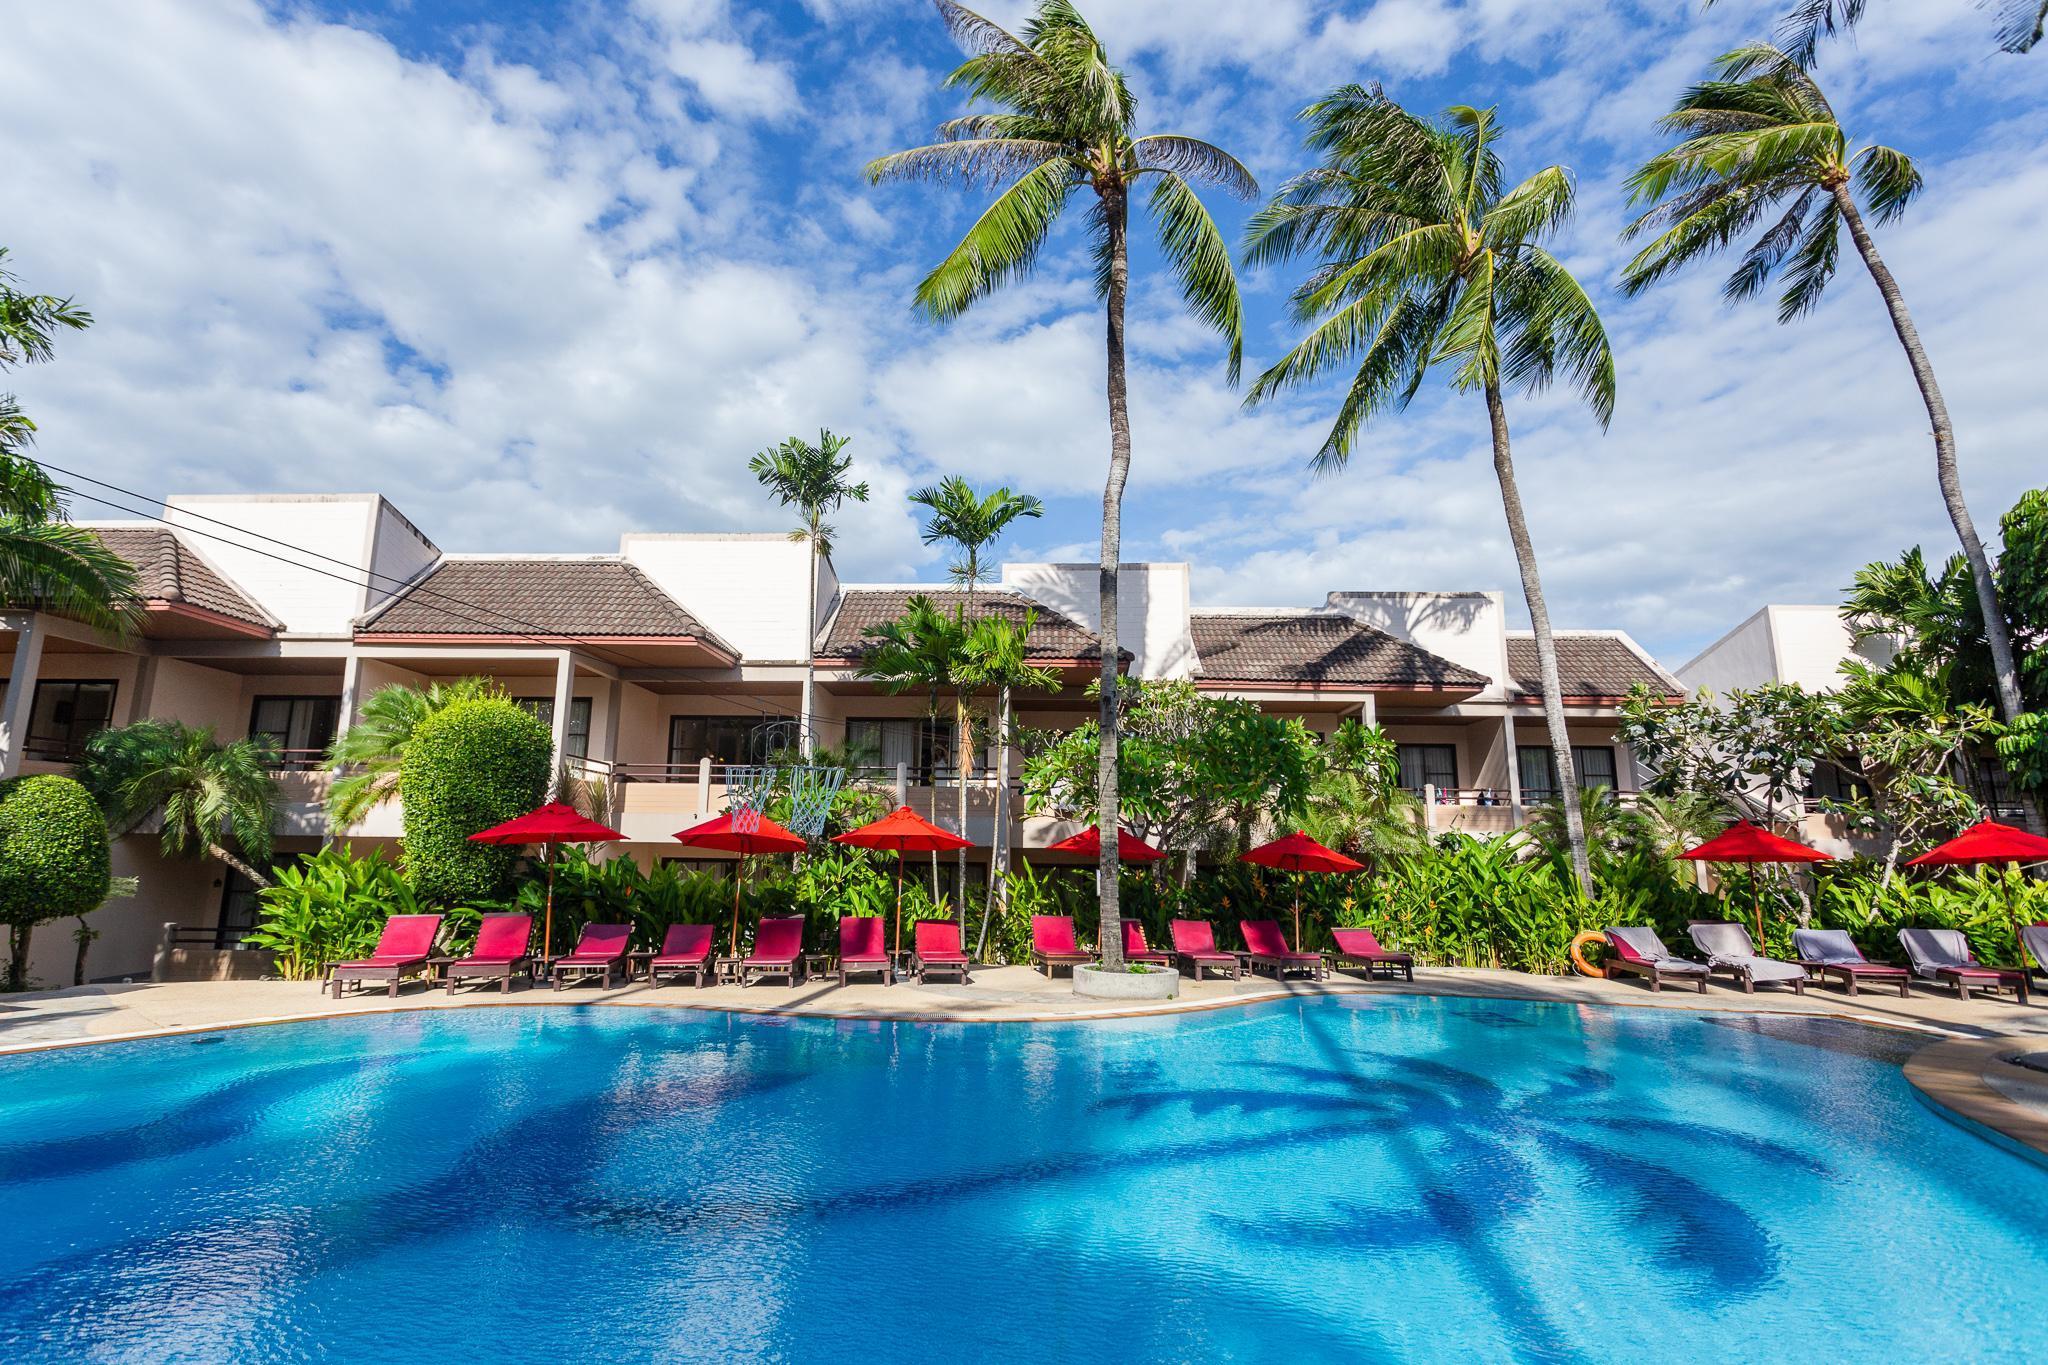 Coconut Village Resort, Pulau Phuket